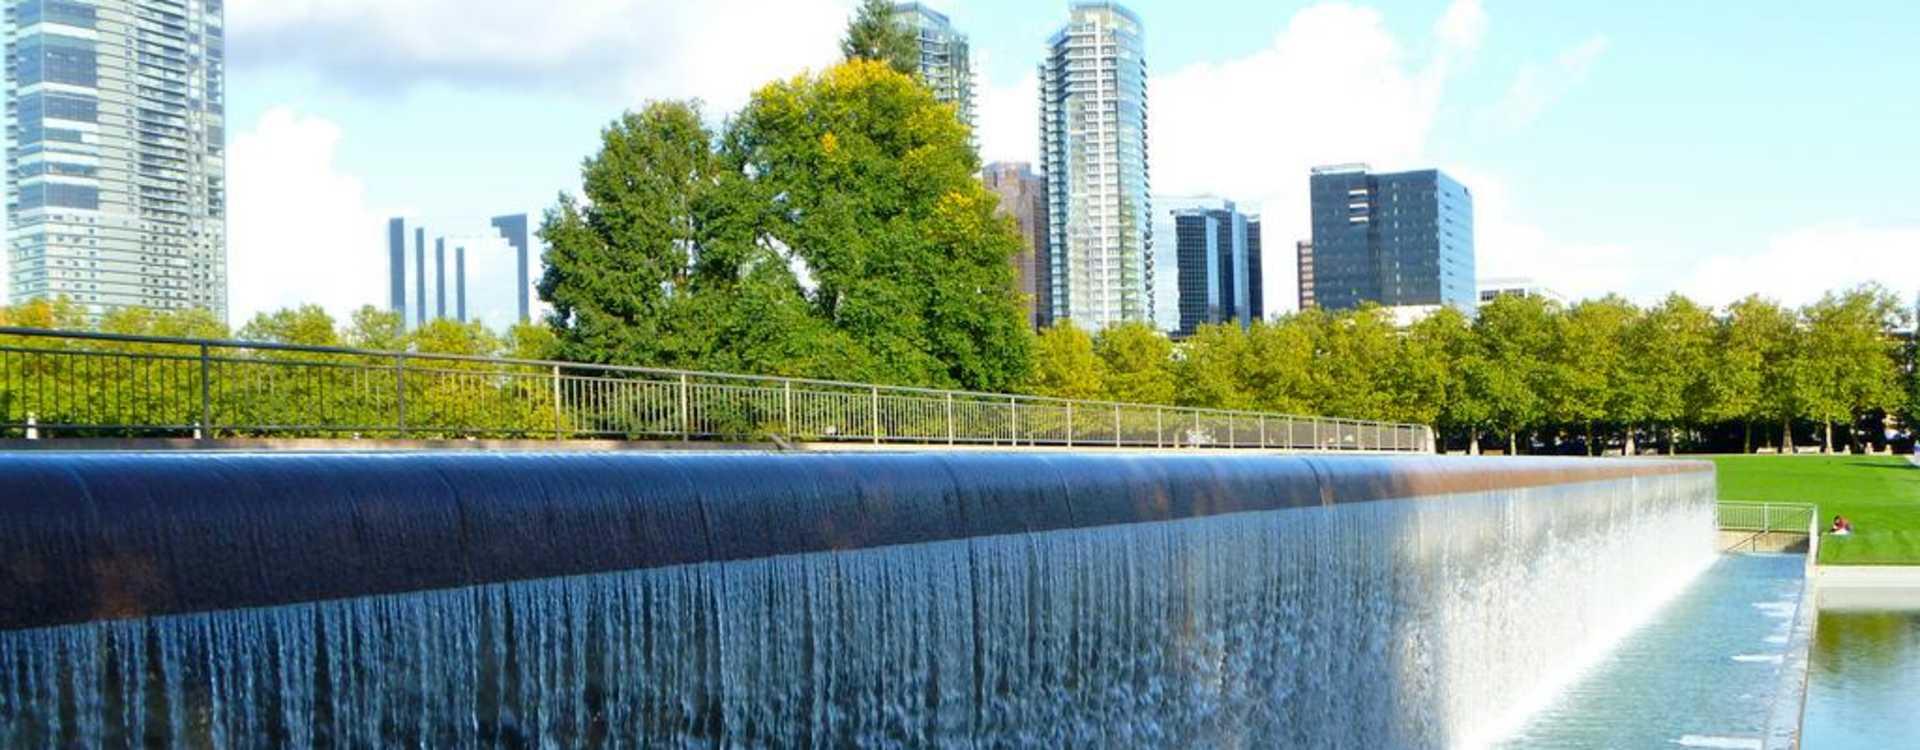 Visit Bellevue Washington